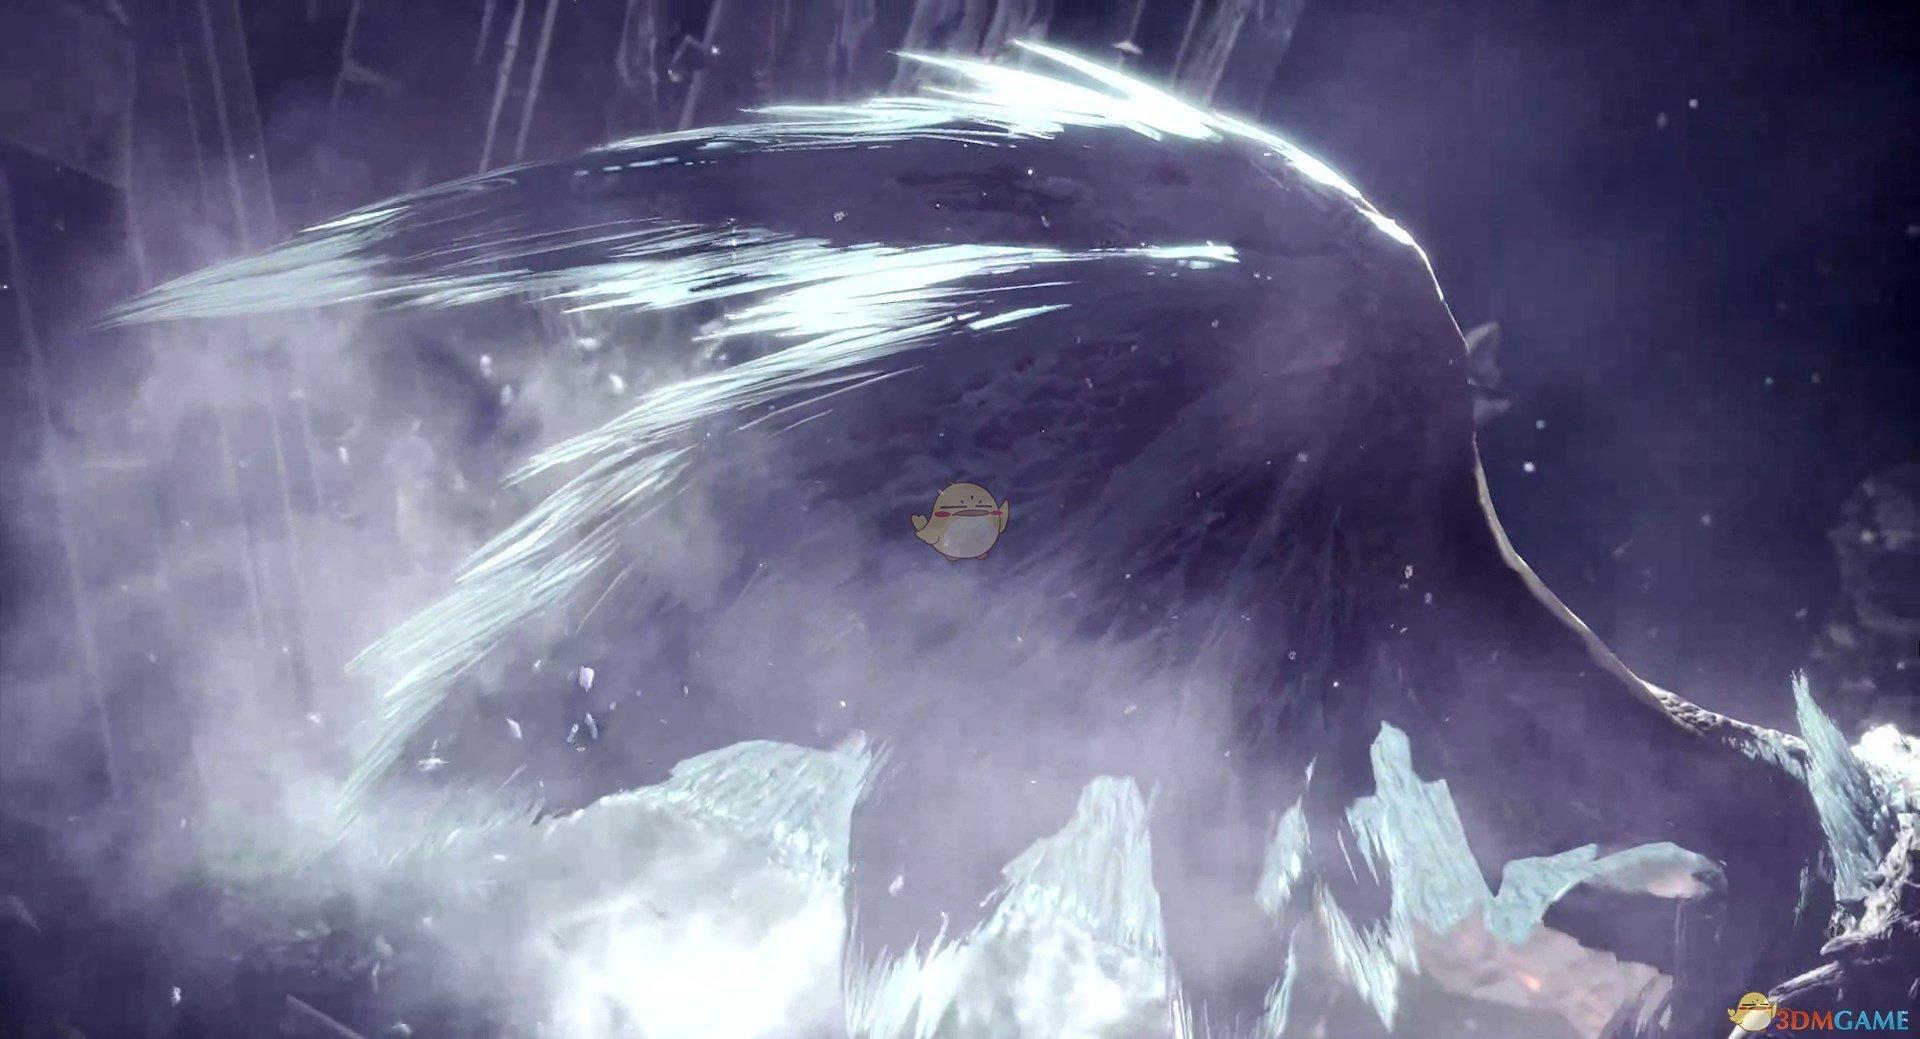 《怪物猎人:世界》冰原DLC盾斧斧模式强化射击操作介绍